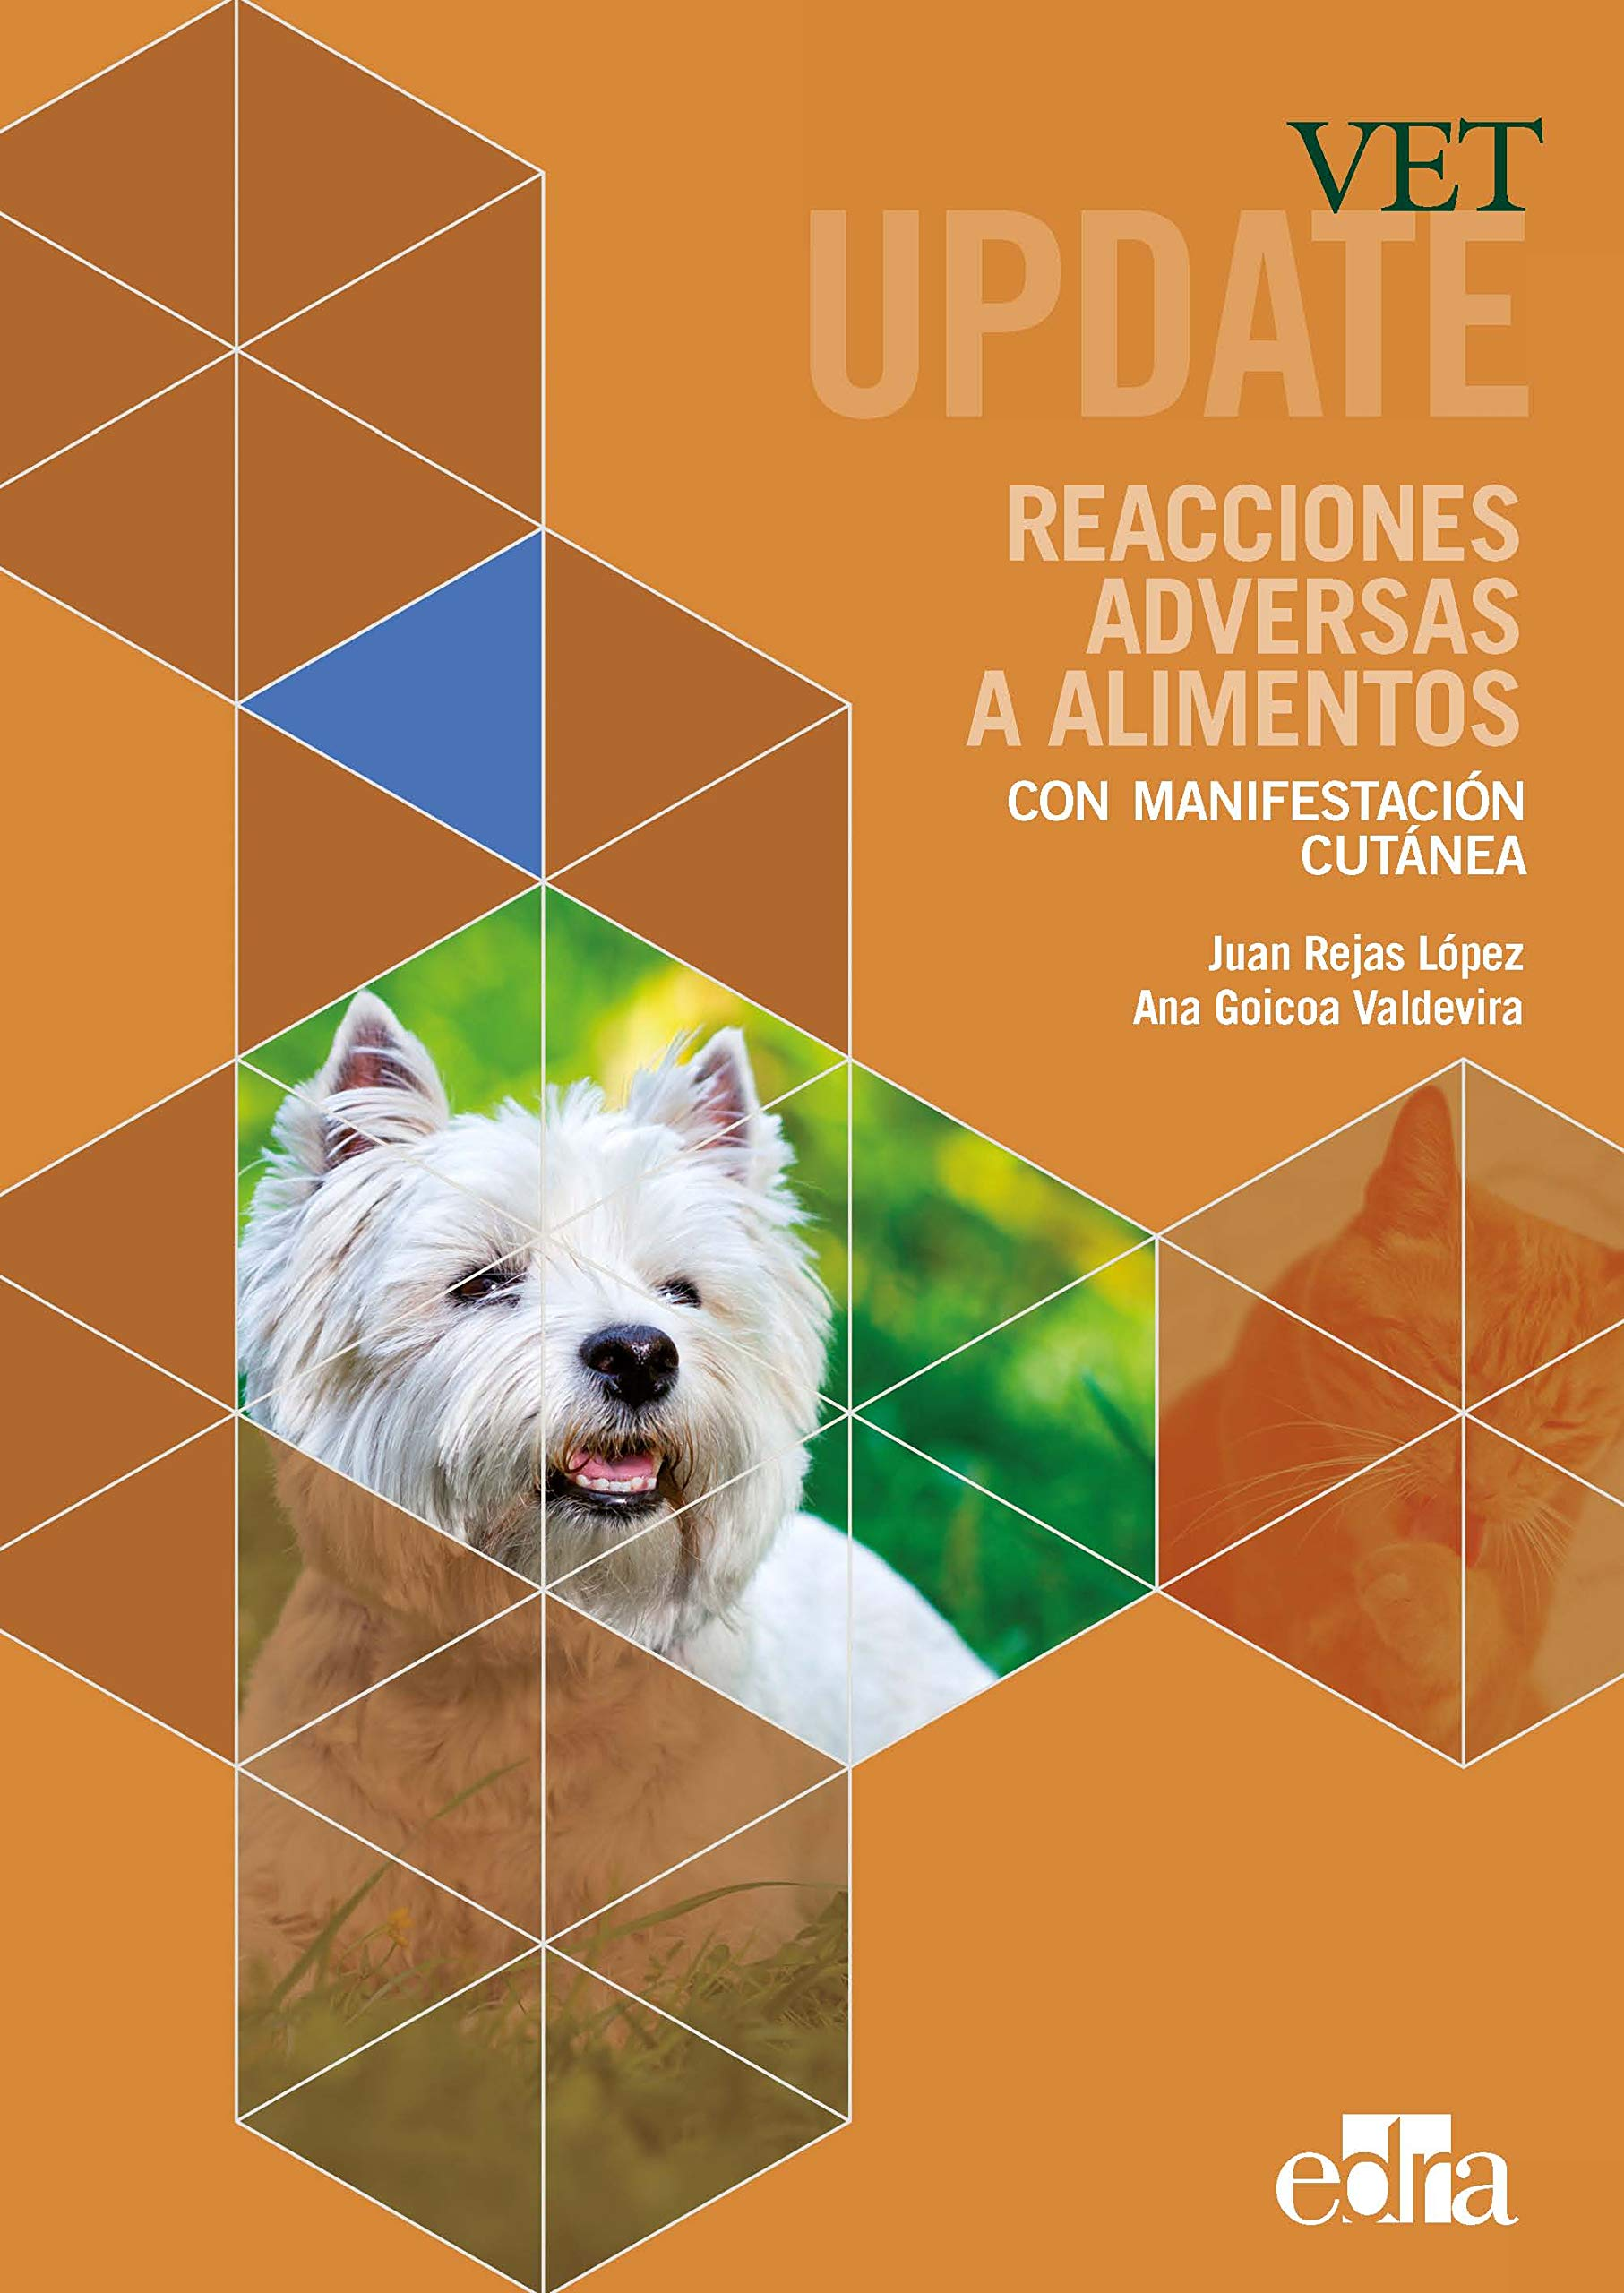 Servet Update. Reacciones adversas a alimentos con manifestación cutánea - Libros de veterinaria - Edizioni Edra